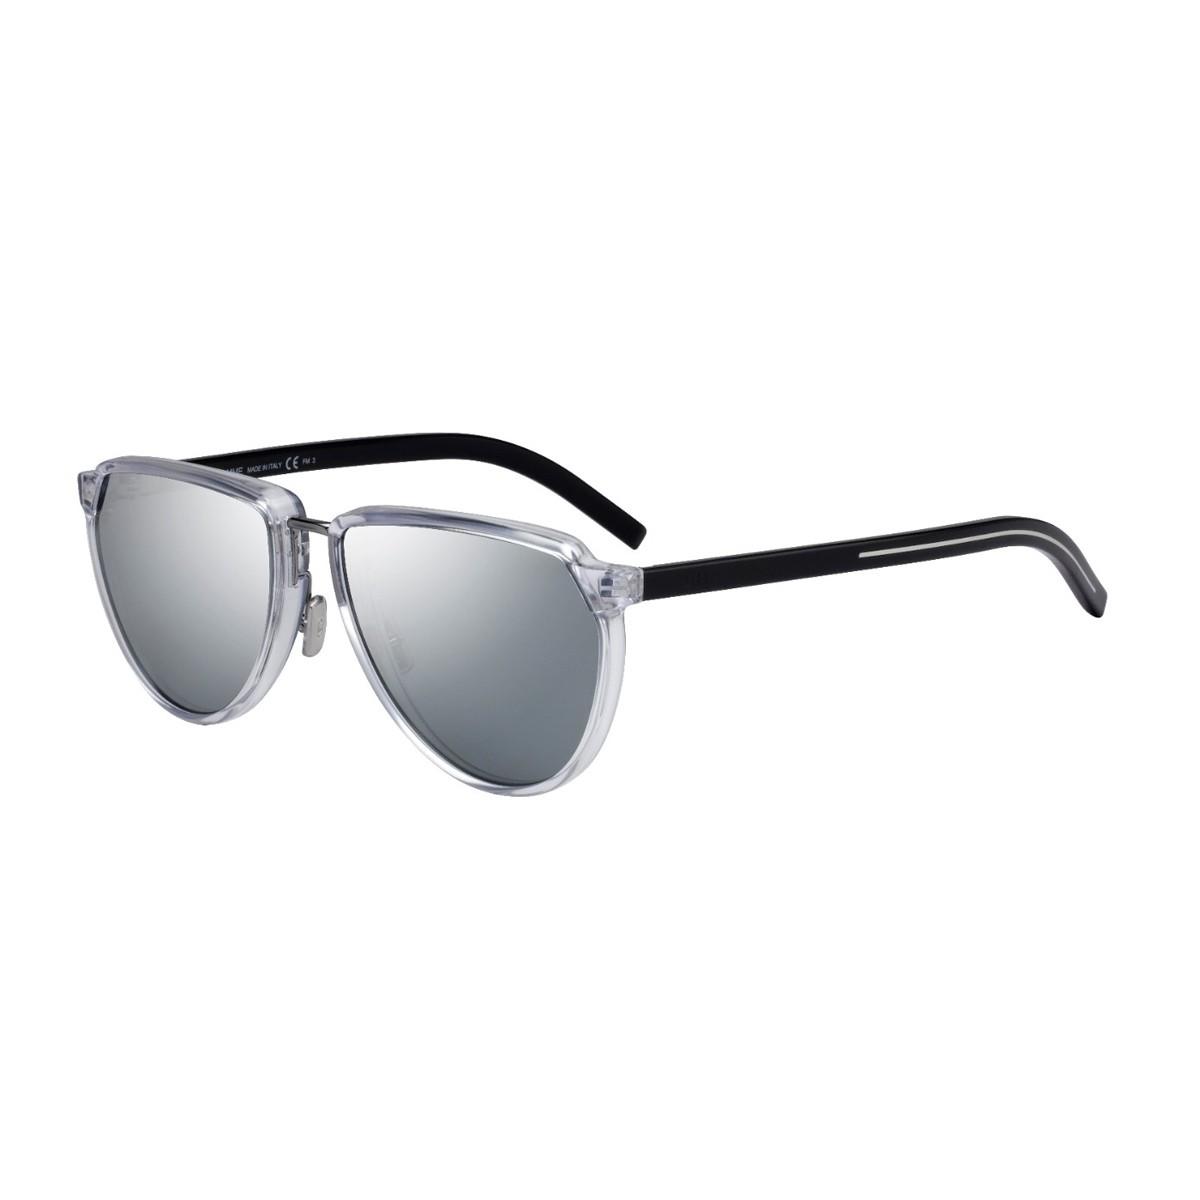 Dior Blacktie 248S | Occhiali da sole Uomo